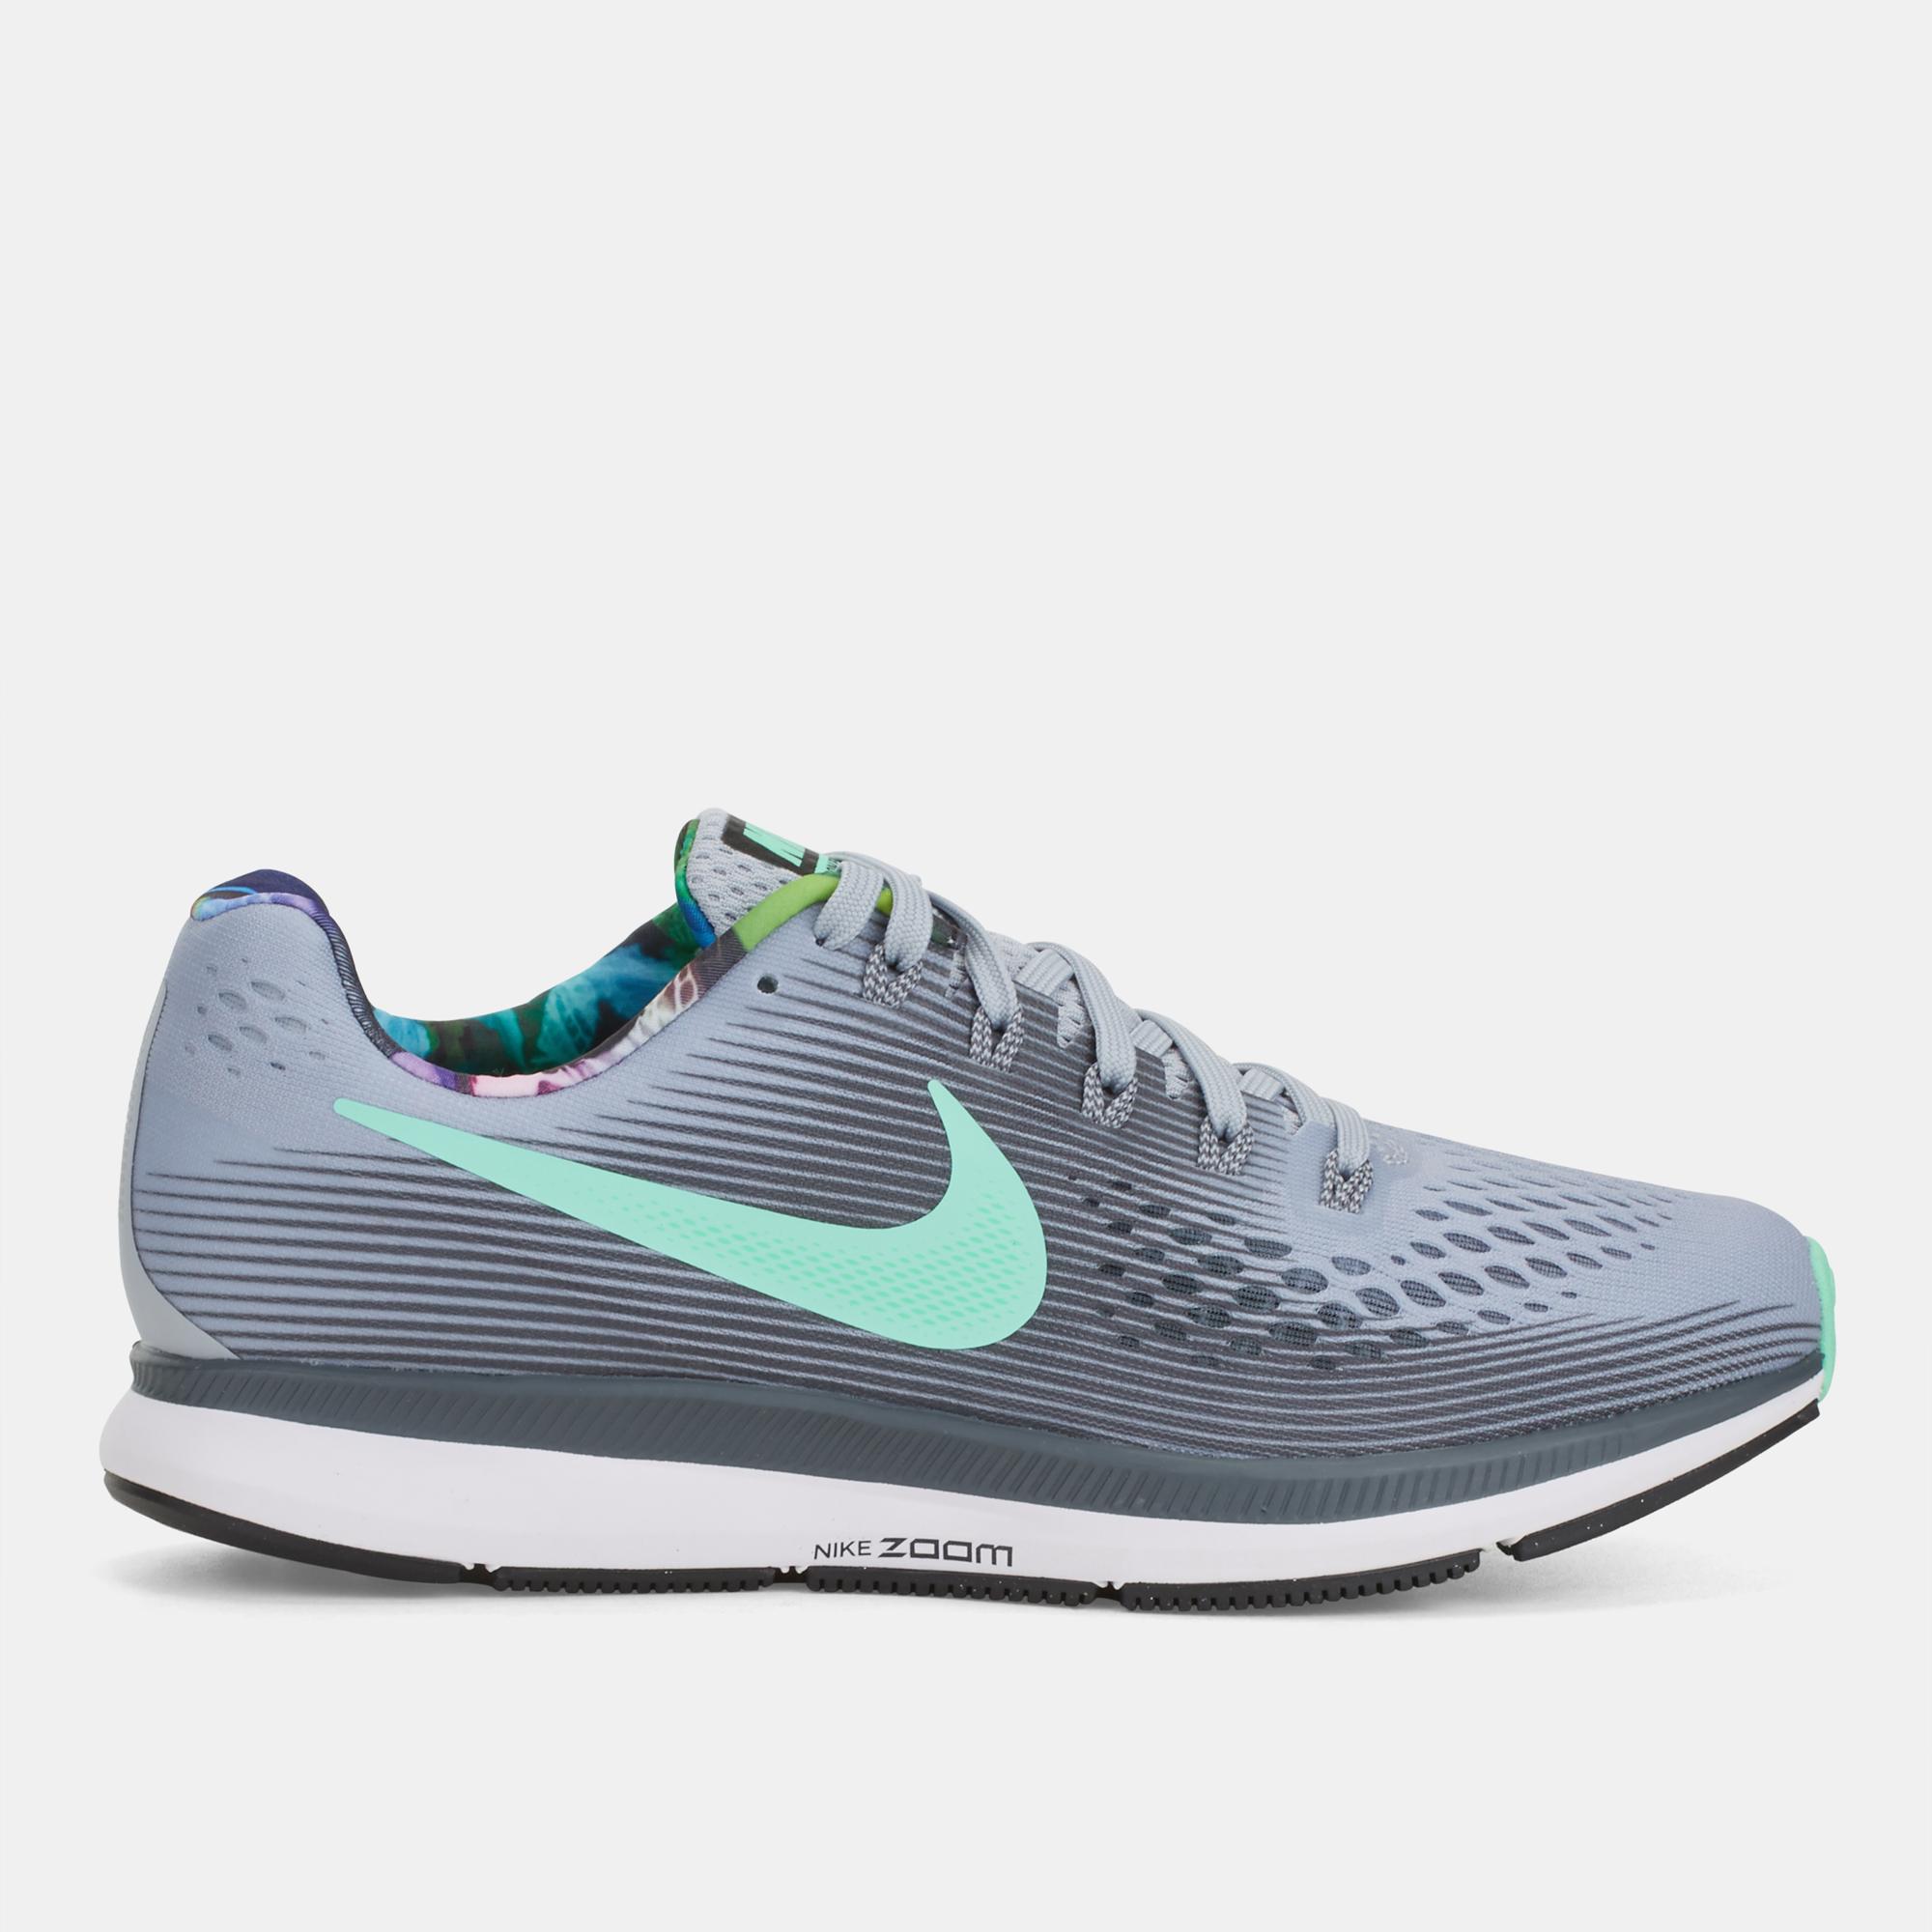 13d102016e52 Nike Air Zoom Pegasus 34 Solstice Running Shoe